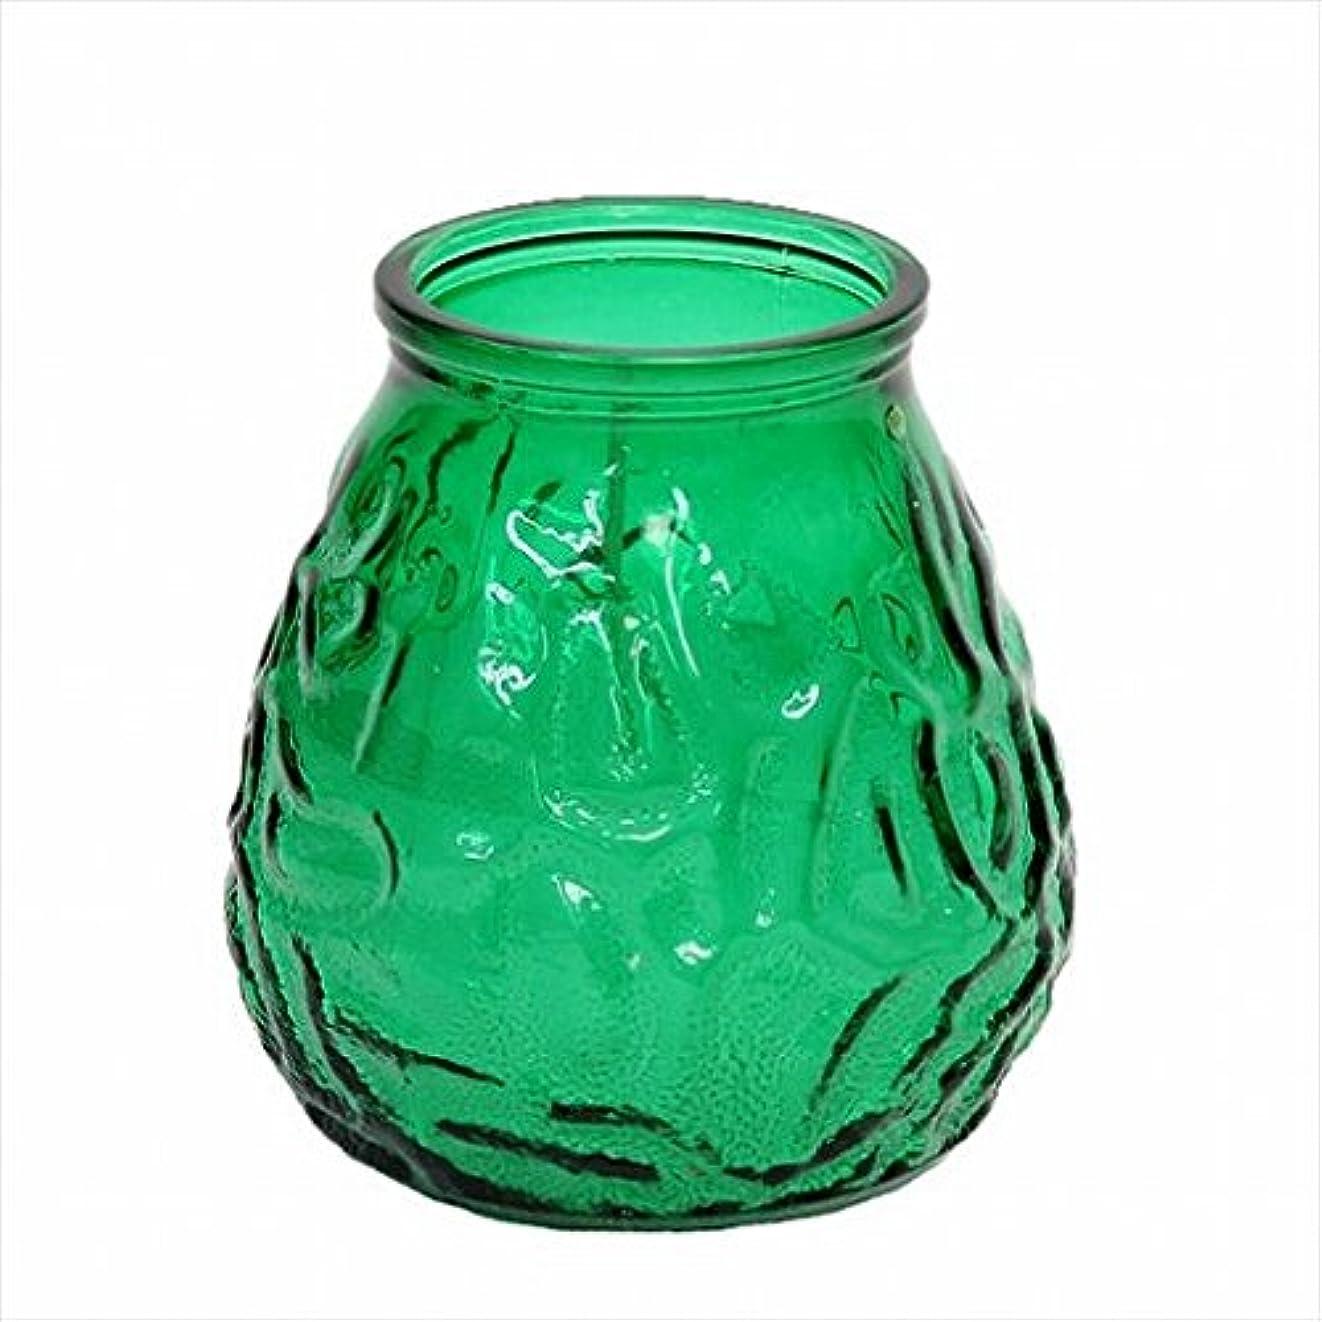 会議疼痛マークされたカメヤマキャンドル(kameyama candle) ネオベネチアン(ライトカラー) 「 グリーン 」